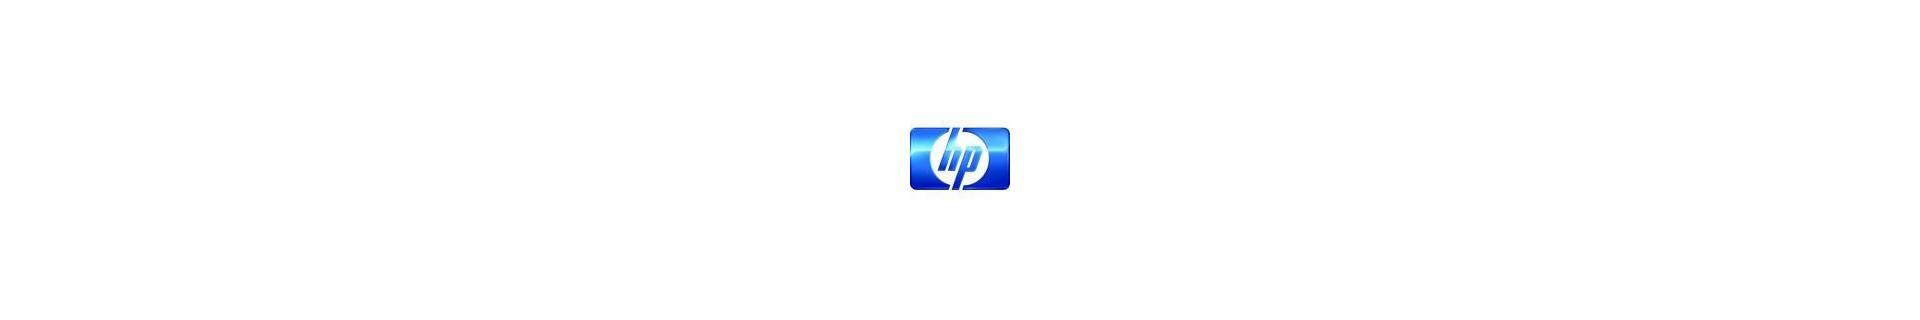 Bulk Ink HP - Smartoner.gr